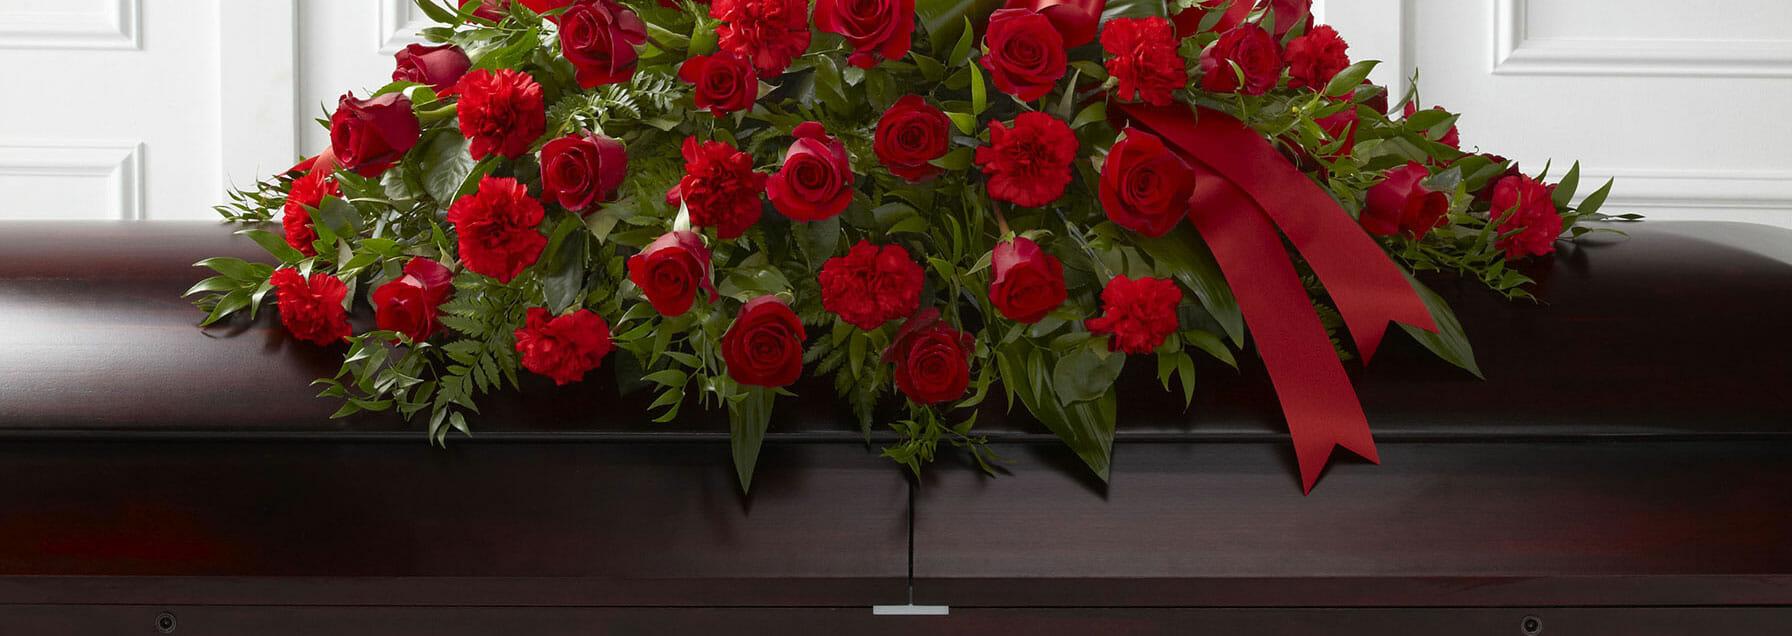 funeral_flowers_on_casket